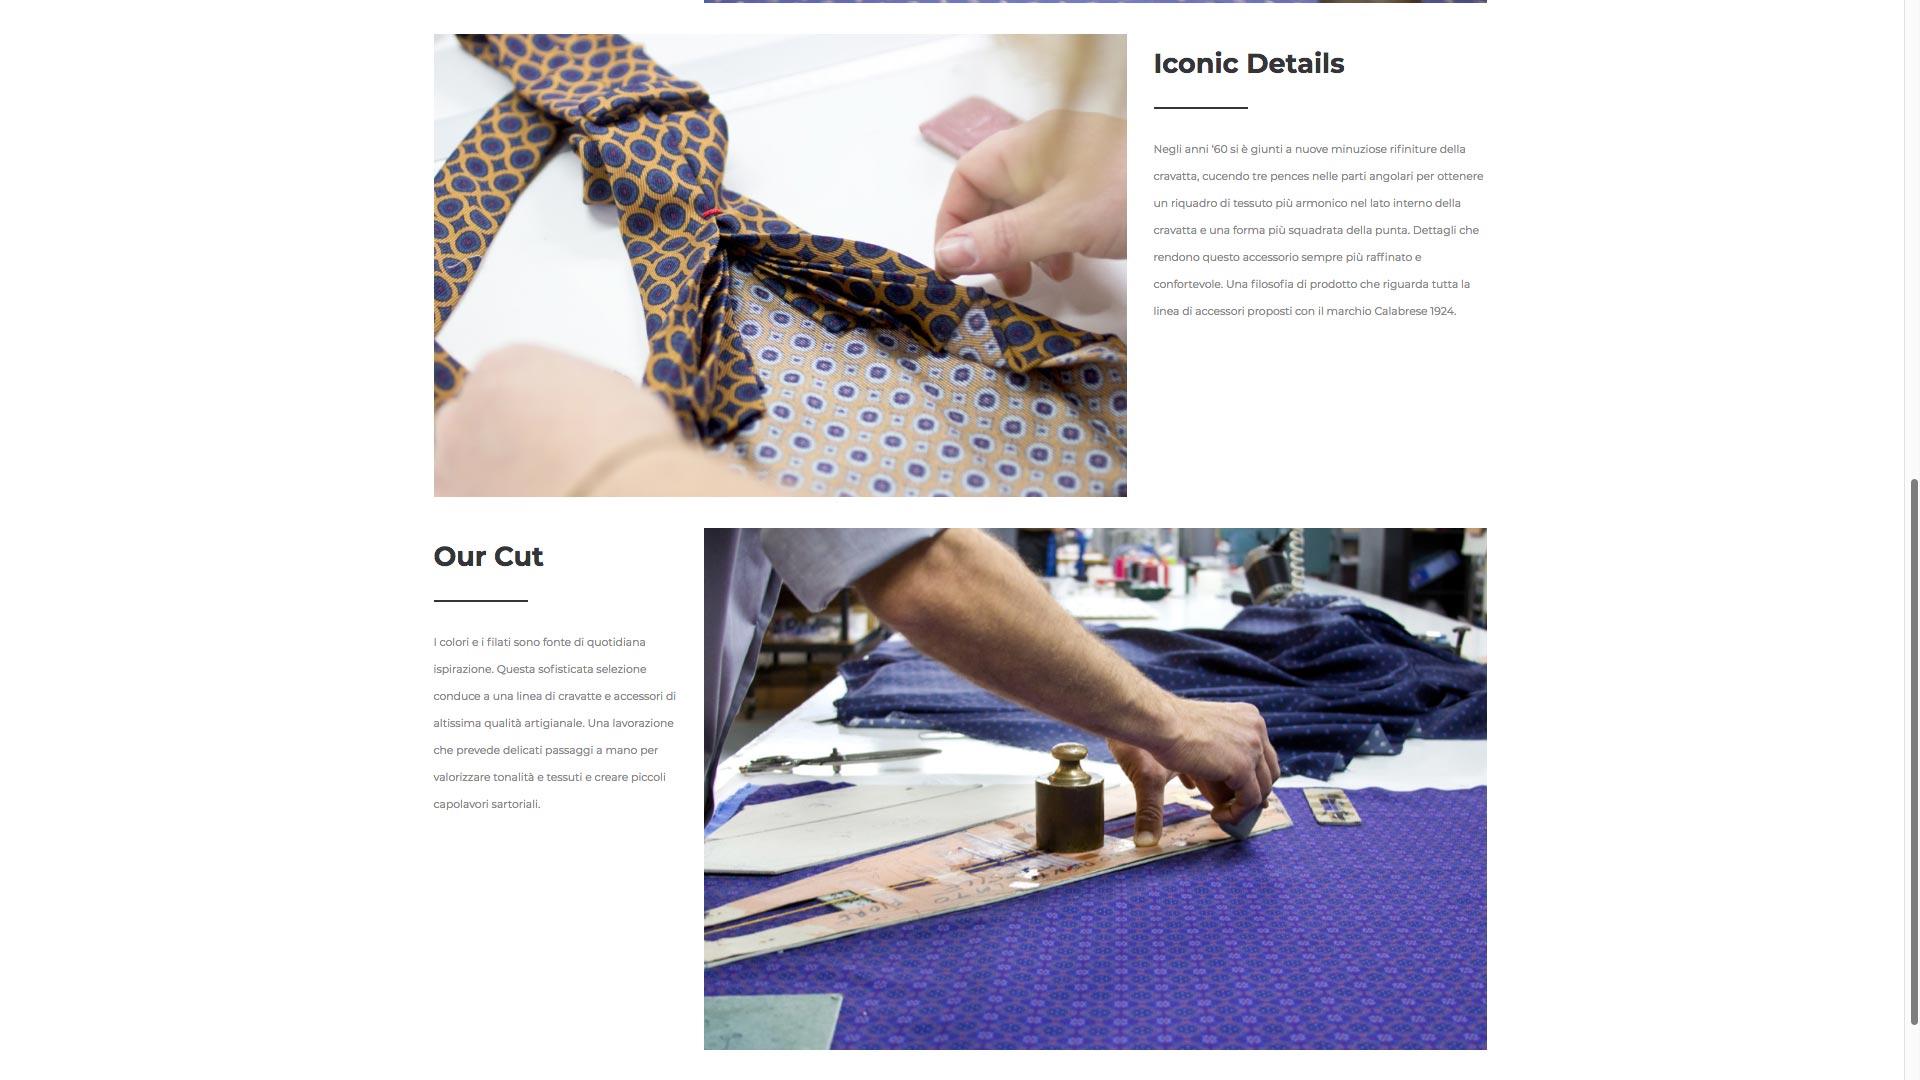 agenzia-comunicazione-napoli-roberto-guariglia-advertising-portfolio-work-fashion-sartoria-calabrese-cravatte-napoli-cravatte-sartoriali-napoli-annalisa-calabrese-2.jpg